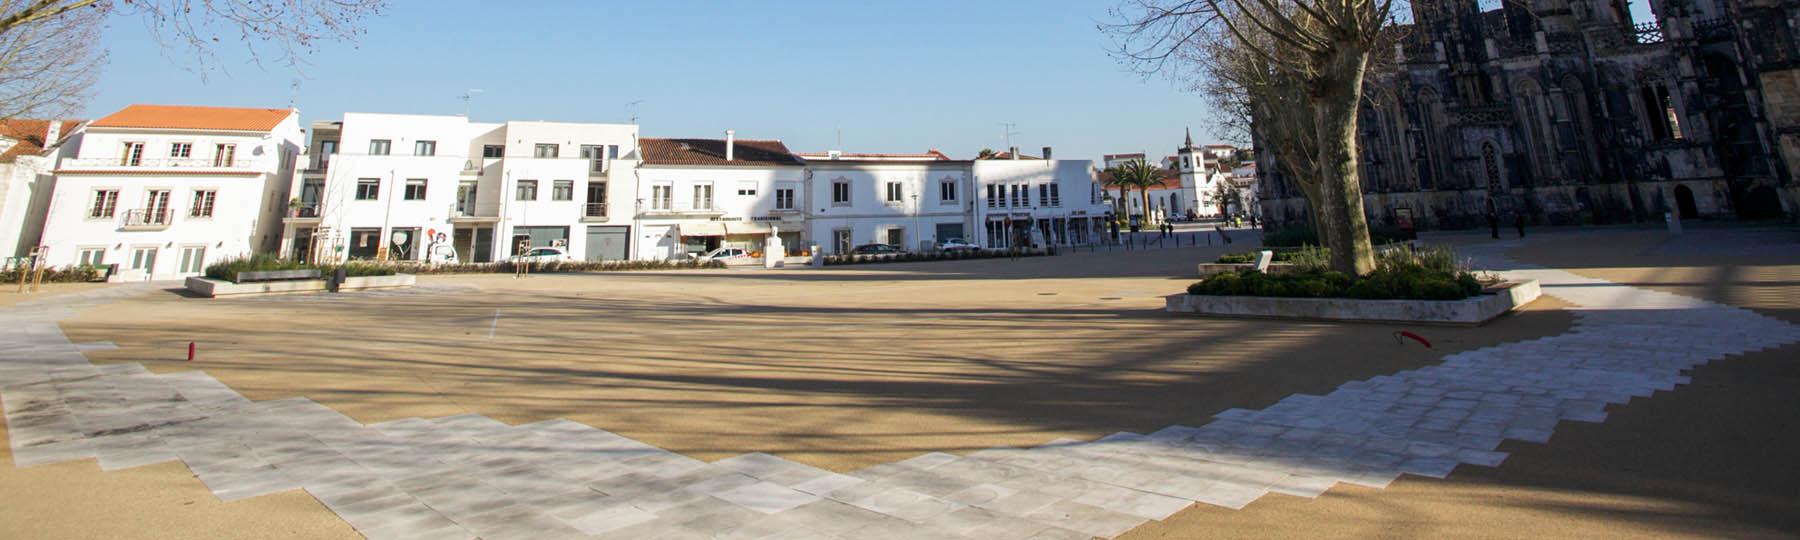 Mosteiro da Batalha2